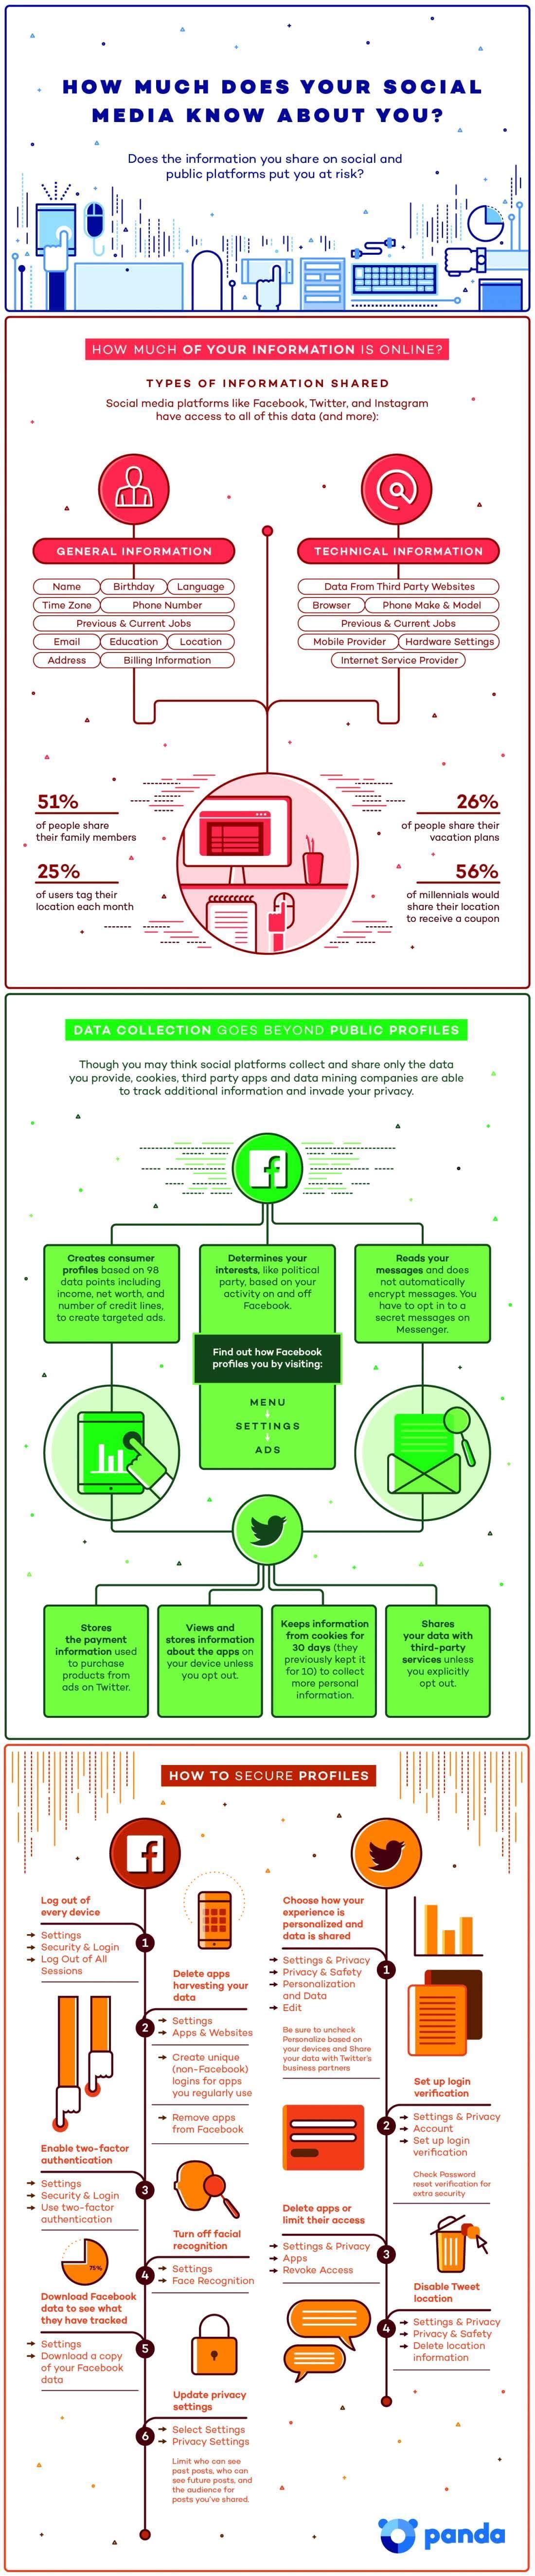 ¿Cuánto saben los medios sociales sobre ti? ¿La información que compartes te pone en riesgo?